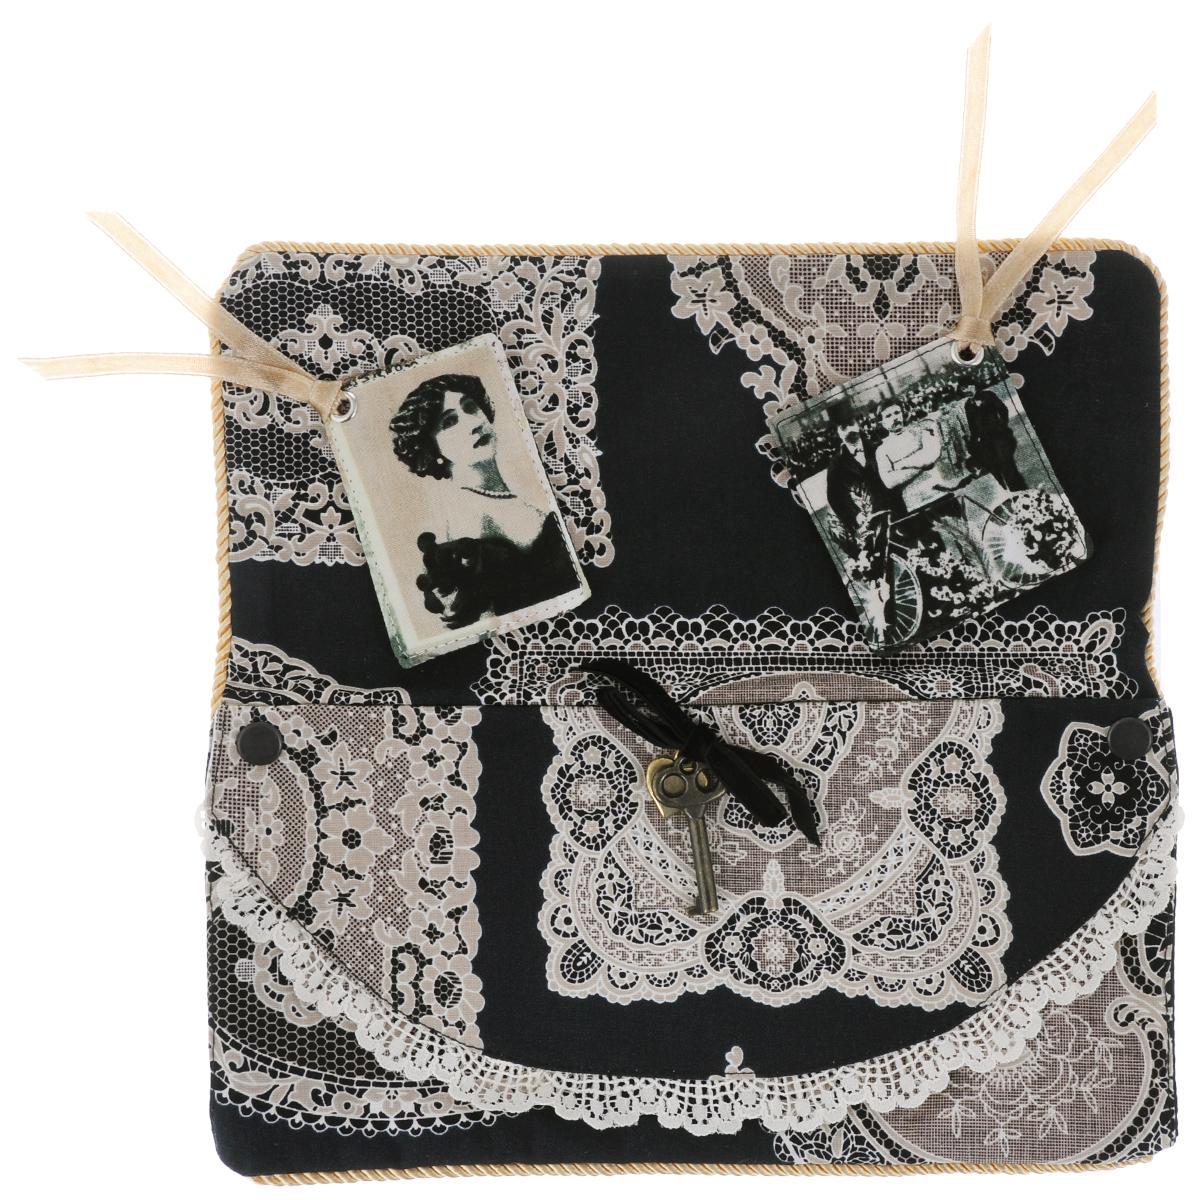 Чехол для подушки-думочки RTO Винтаж, 25 х 14 см. VT-72531-105Чехол для подушки-думочки RTO Винтаж выполнен из текстиля с изображением винтажных кружевных узоров. Изделие декорировано золотистым шнуром, кружевом и подвеской в виде ключика с сердечком. Серия Vintage Collection представляет аксессуары, выполненные в винтажном стиле. Такие изделия прекрасно оформят интерьер комнаты и станут замечательным подарком к любому случаю. Размер чехла: 25 х 14 см